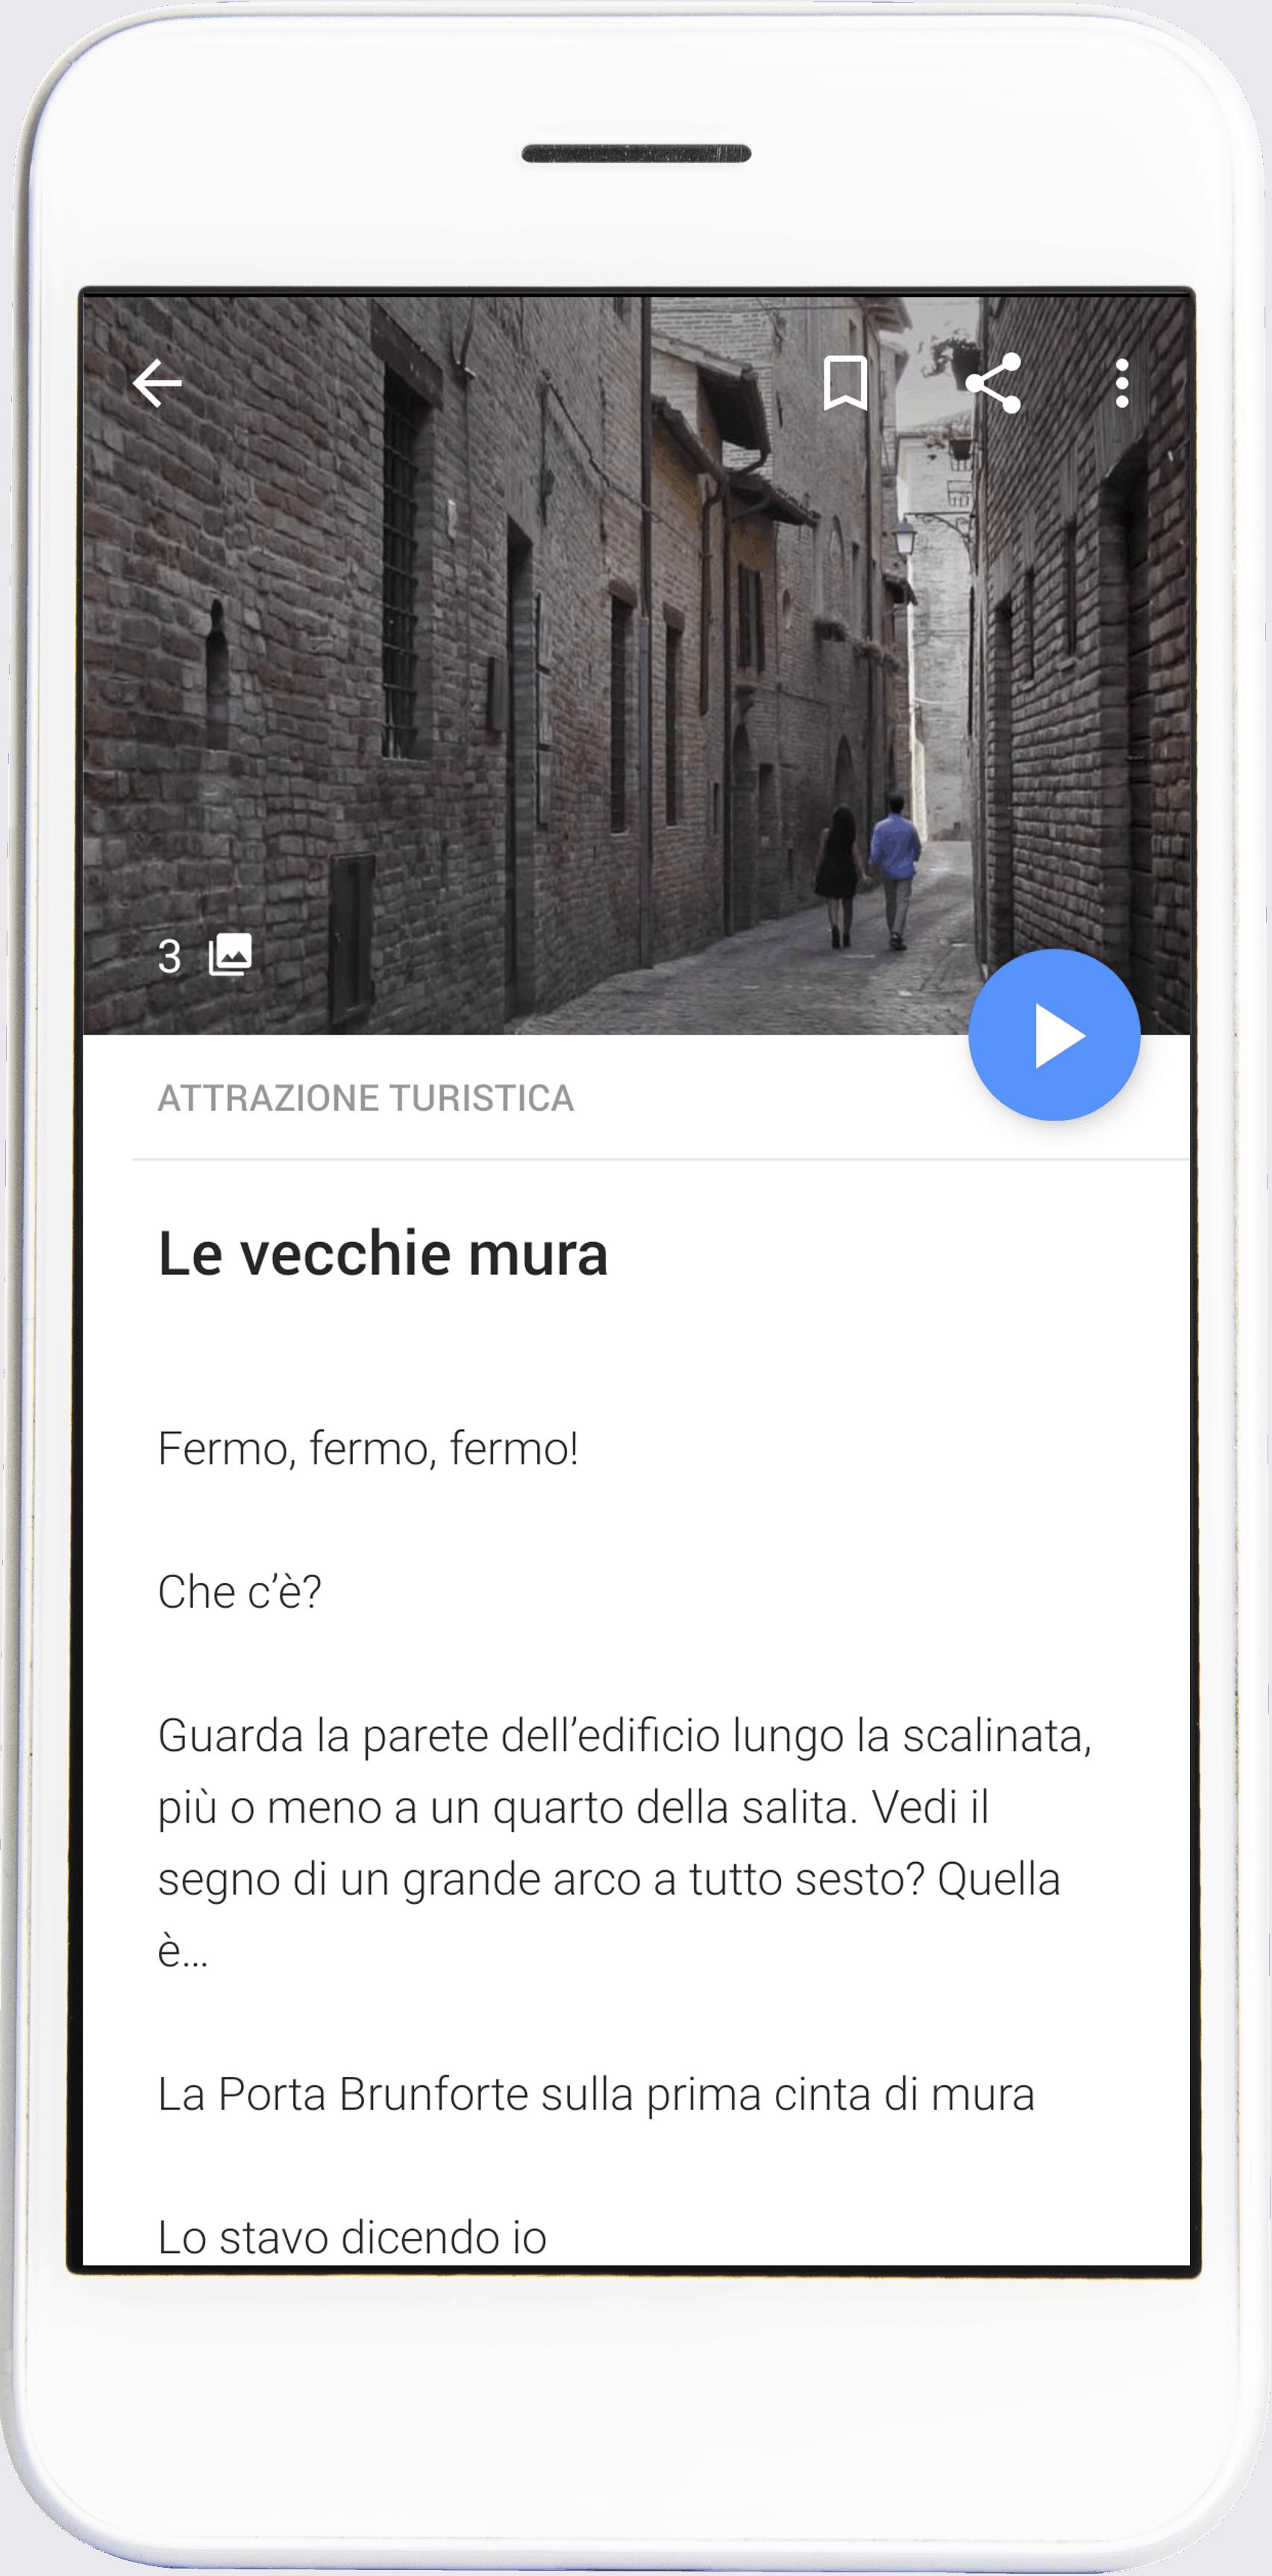 Scopri Sarnano con l'audioguida gratuita sull'app izi.TRAVEL